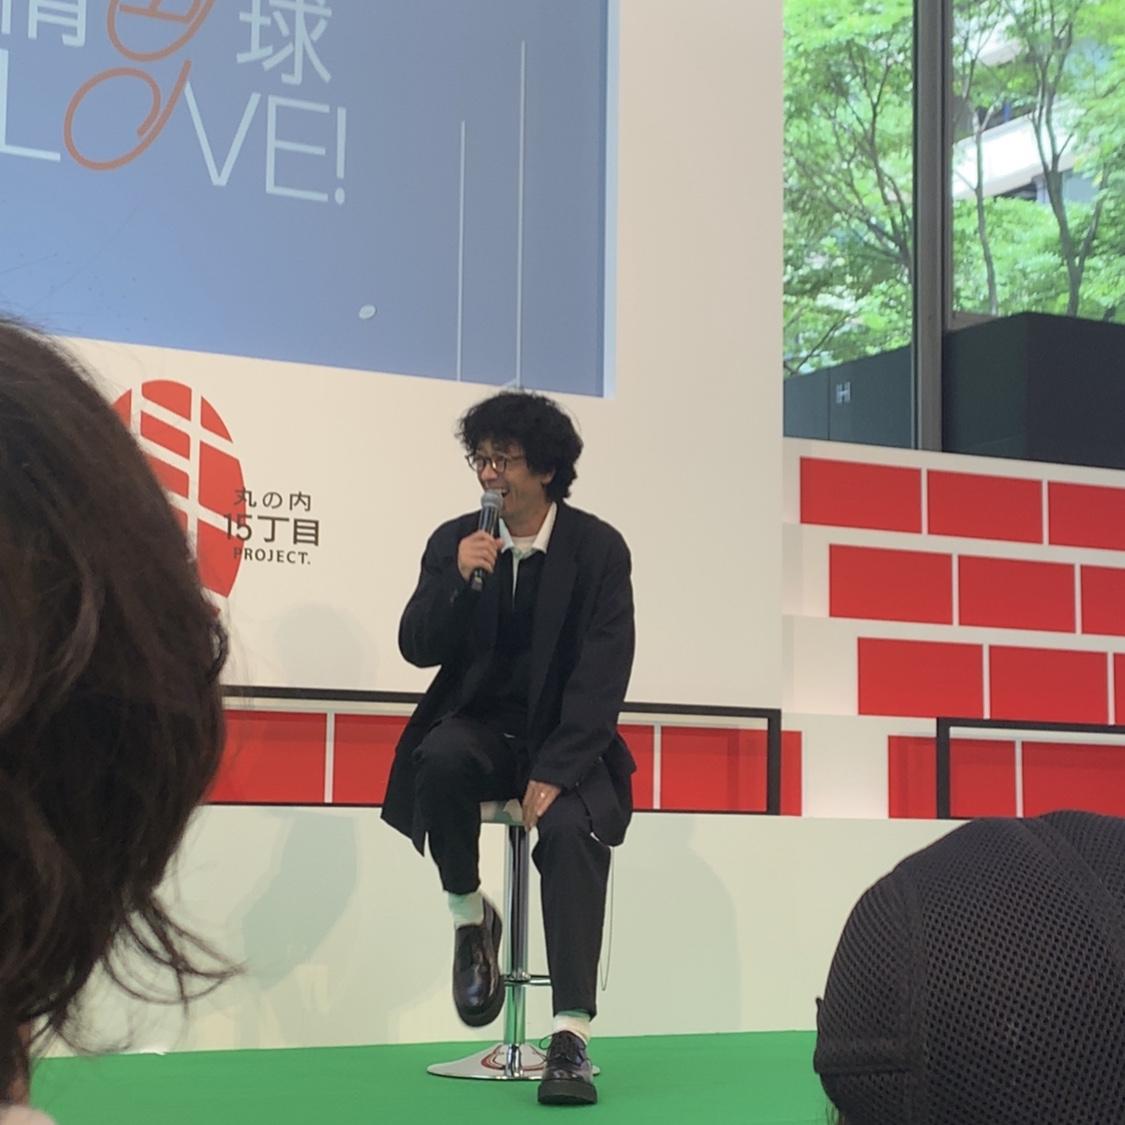 《滝藤賢一さん・だーりおちゃん登場》楕円球LOVE!の創刊発表会に参加してきました♡_3